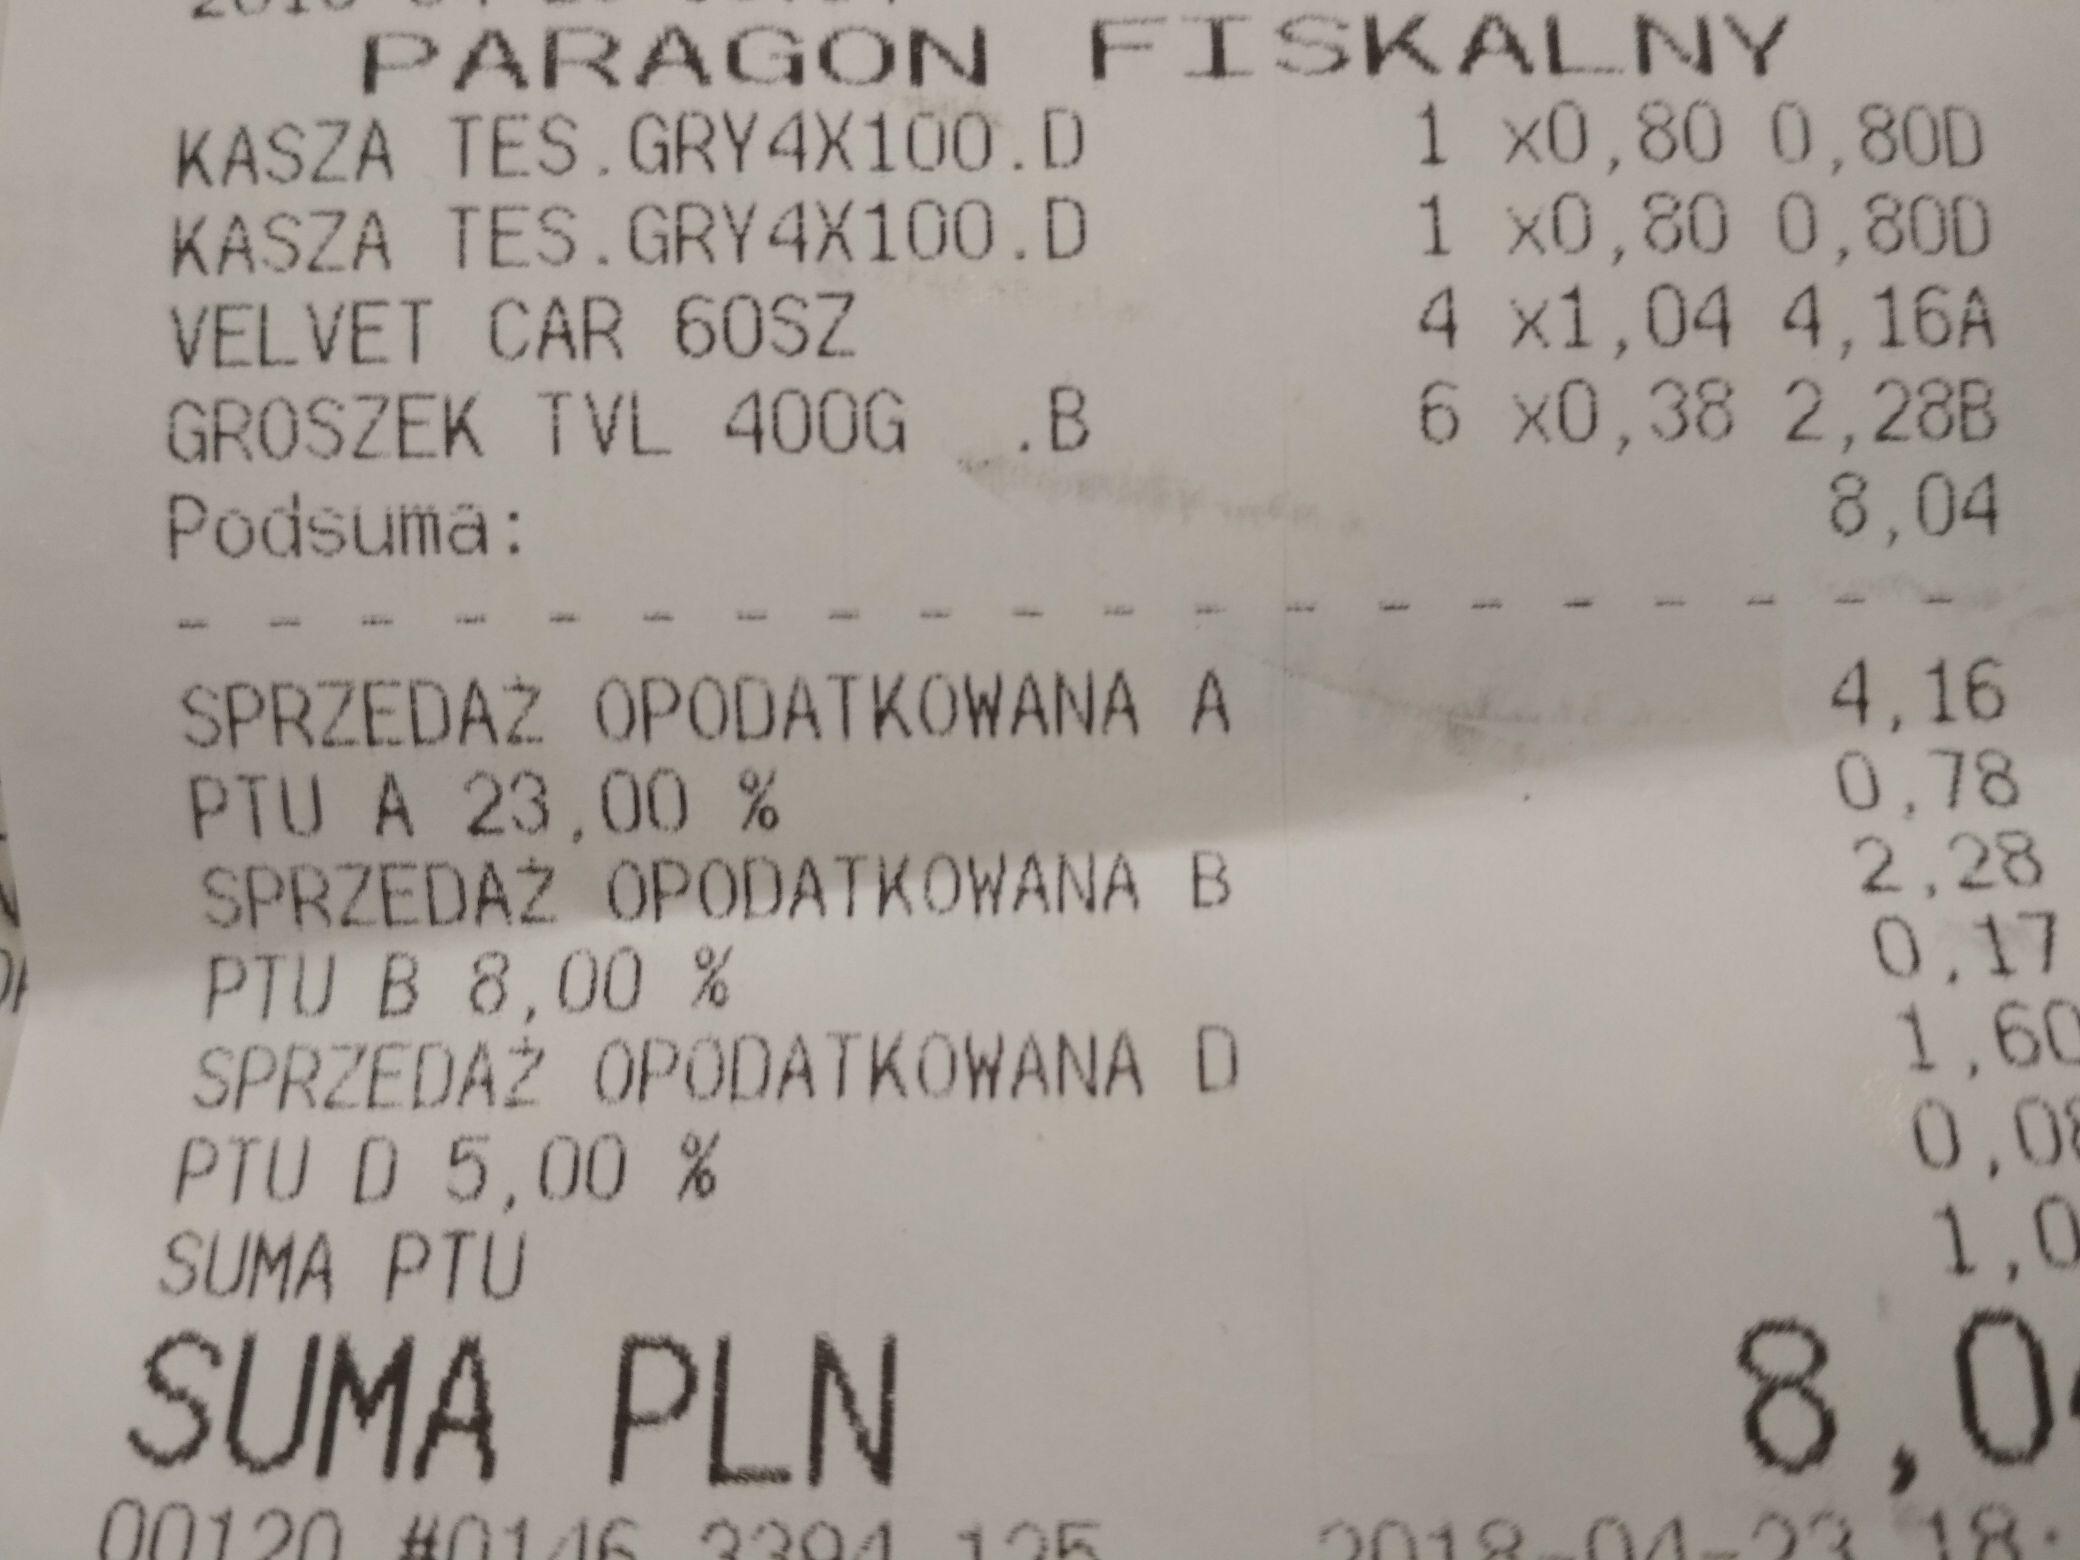 Tesco groszek konserwowy 0.38zł kasza gryczana 0.80zł